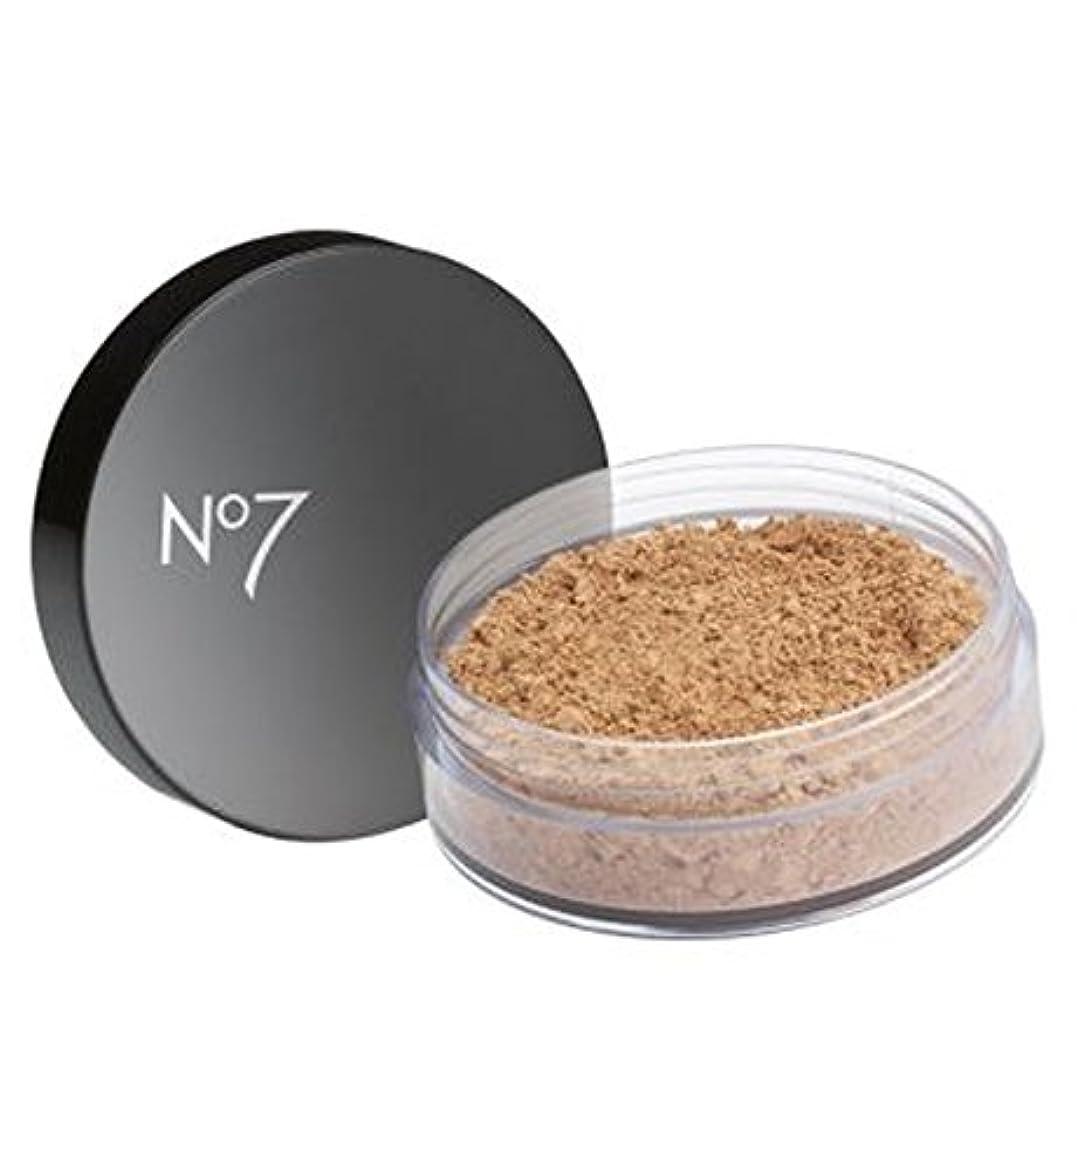 無駄なアーネストシャクルトン邪魔No7 Mineral Perfection Powder Foundation - No7ミネラル完璧パウダーファンデーション (No7) [並行輸入品]